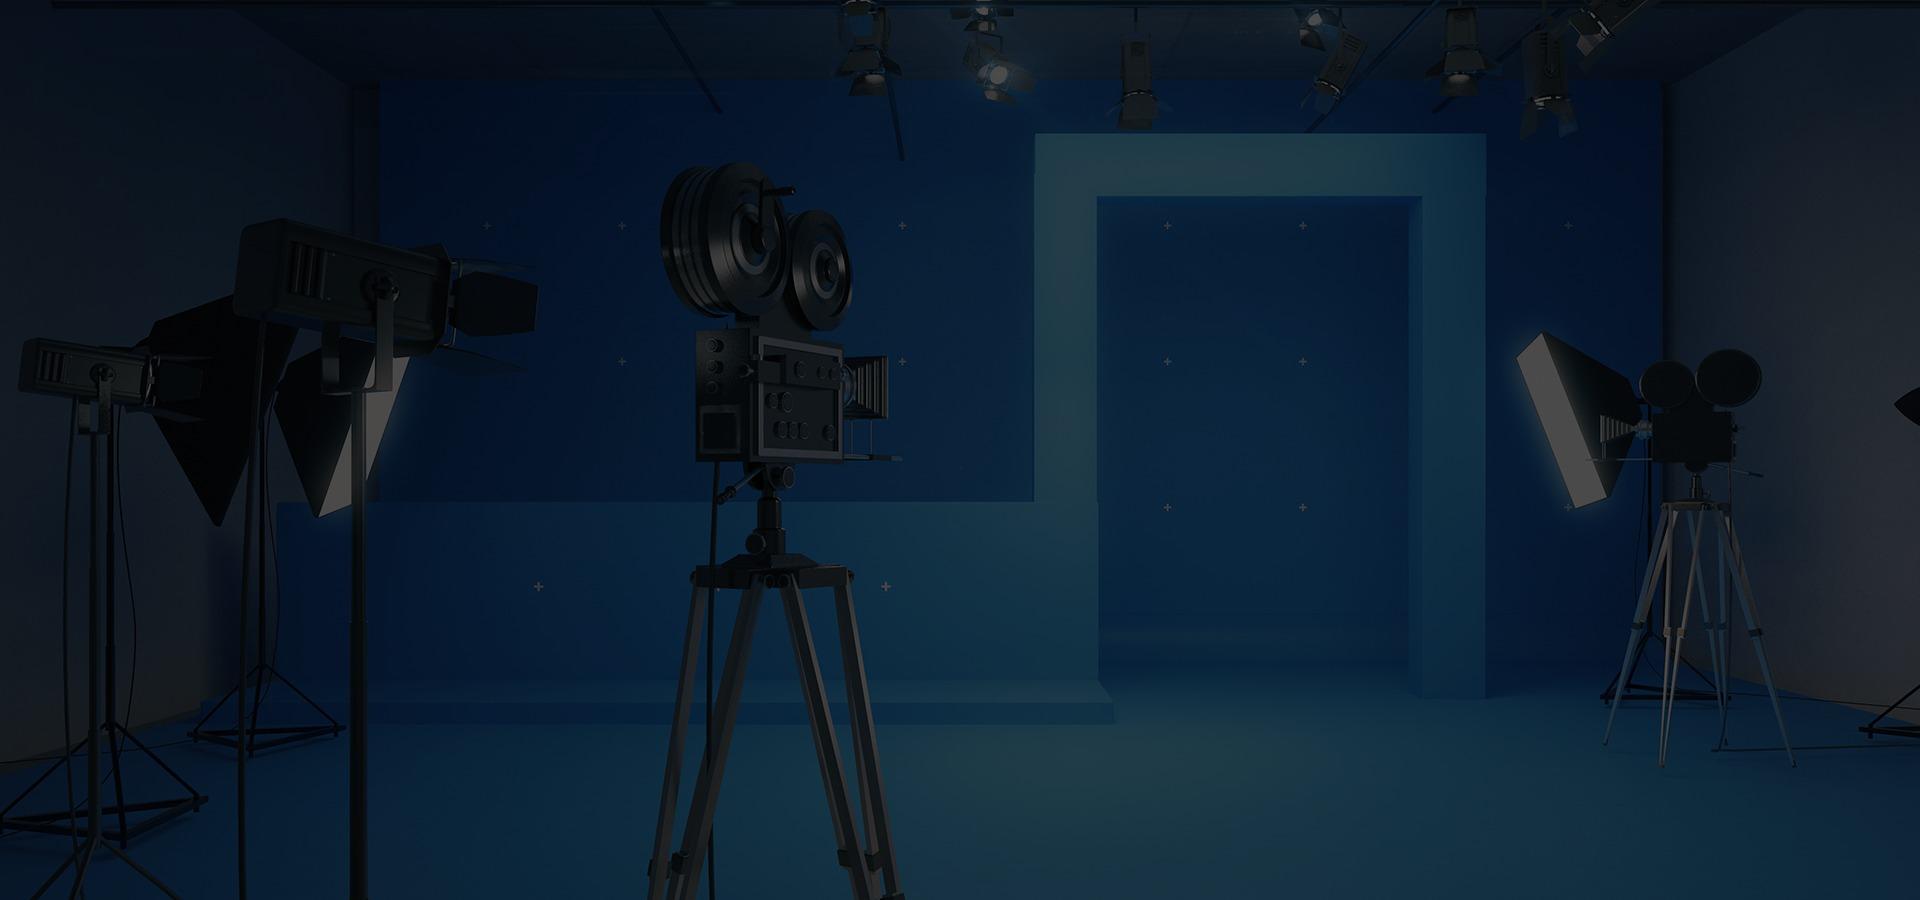 http://actedcity.com/wp-content/uploads/2020/07/film-studio-6.jpg